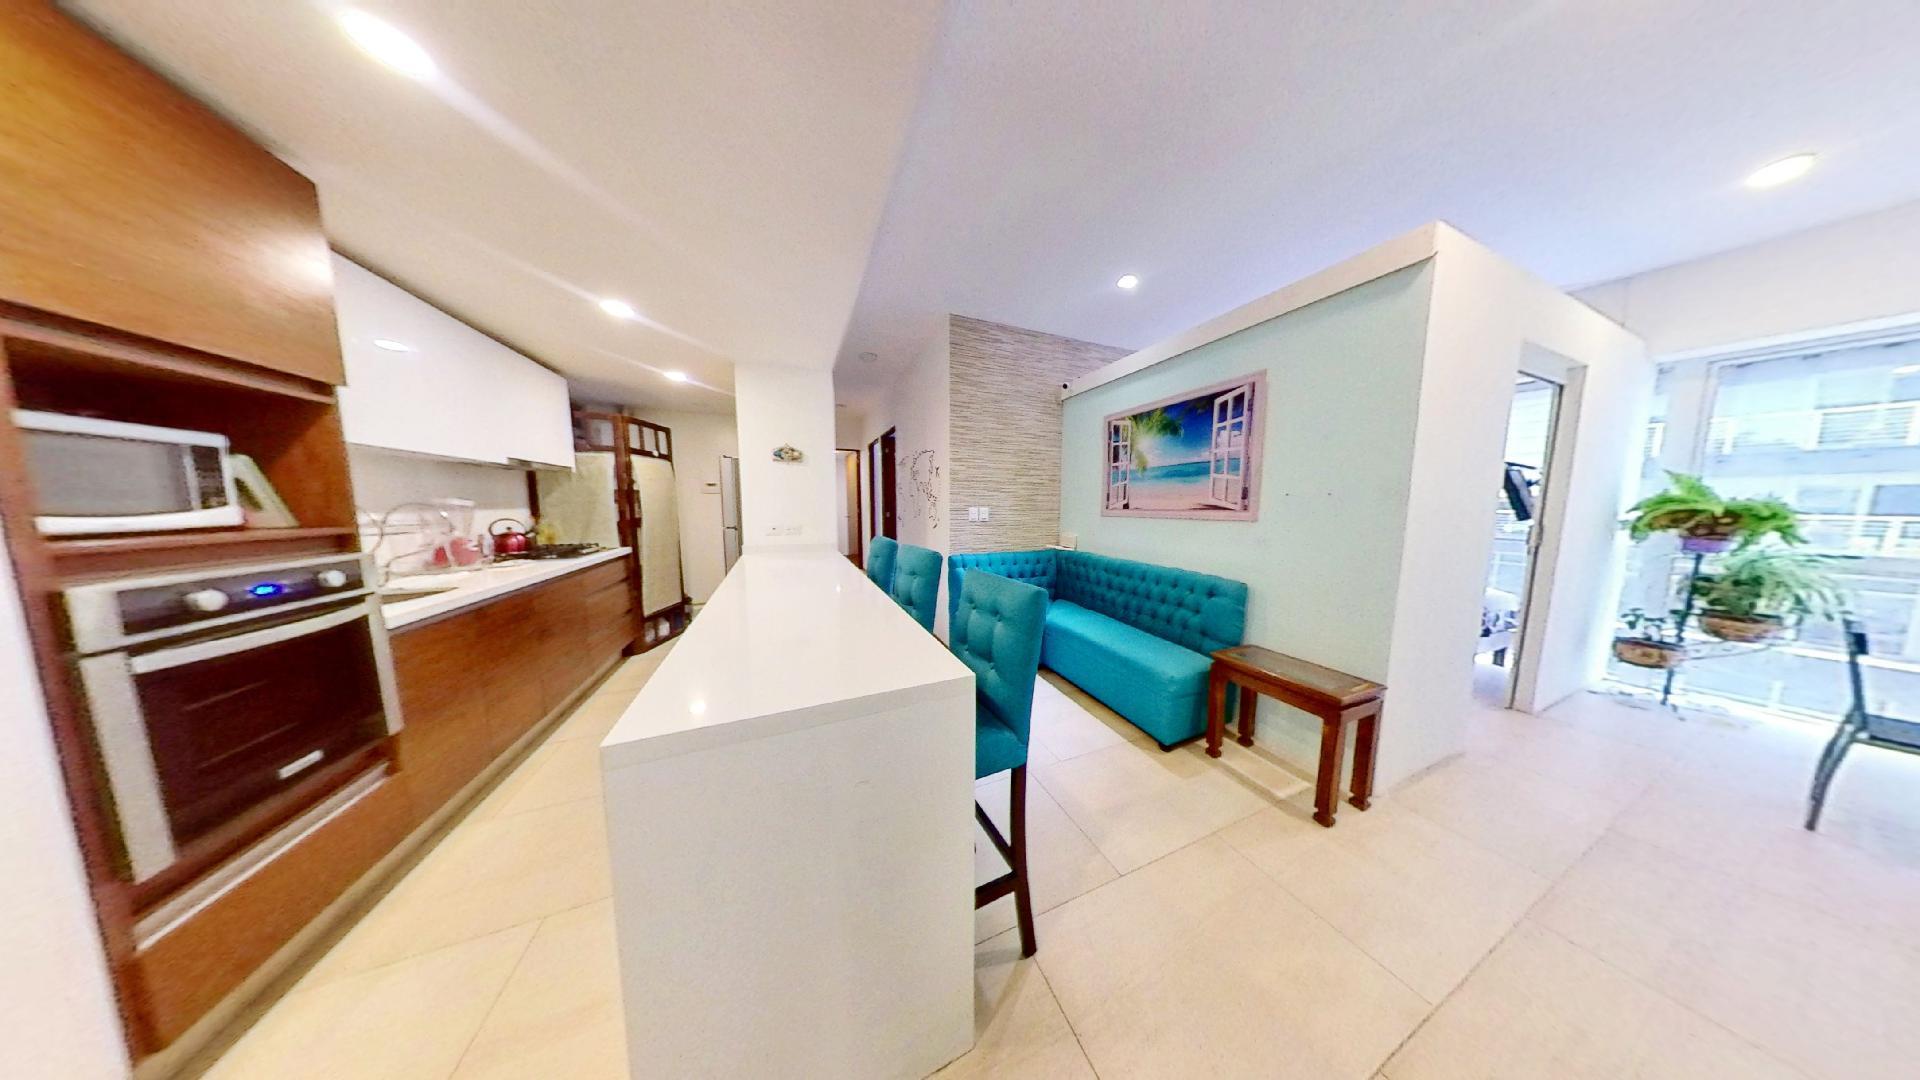 Venta departamento de 3 recámaras en City Towers Green, Colonia Santa Cruz. Cocina-Sala